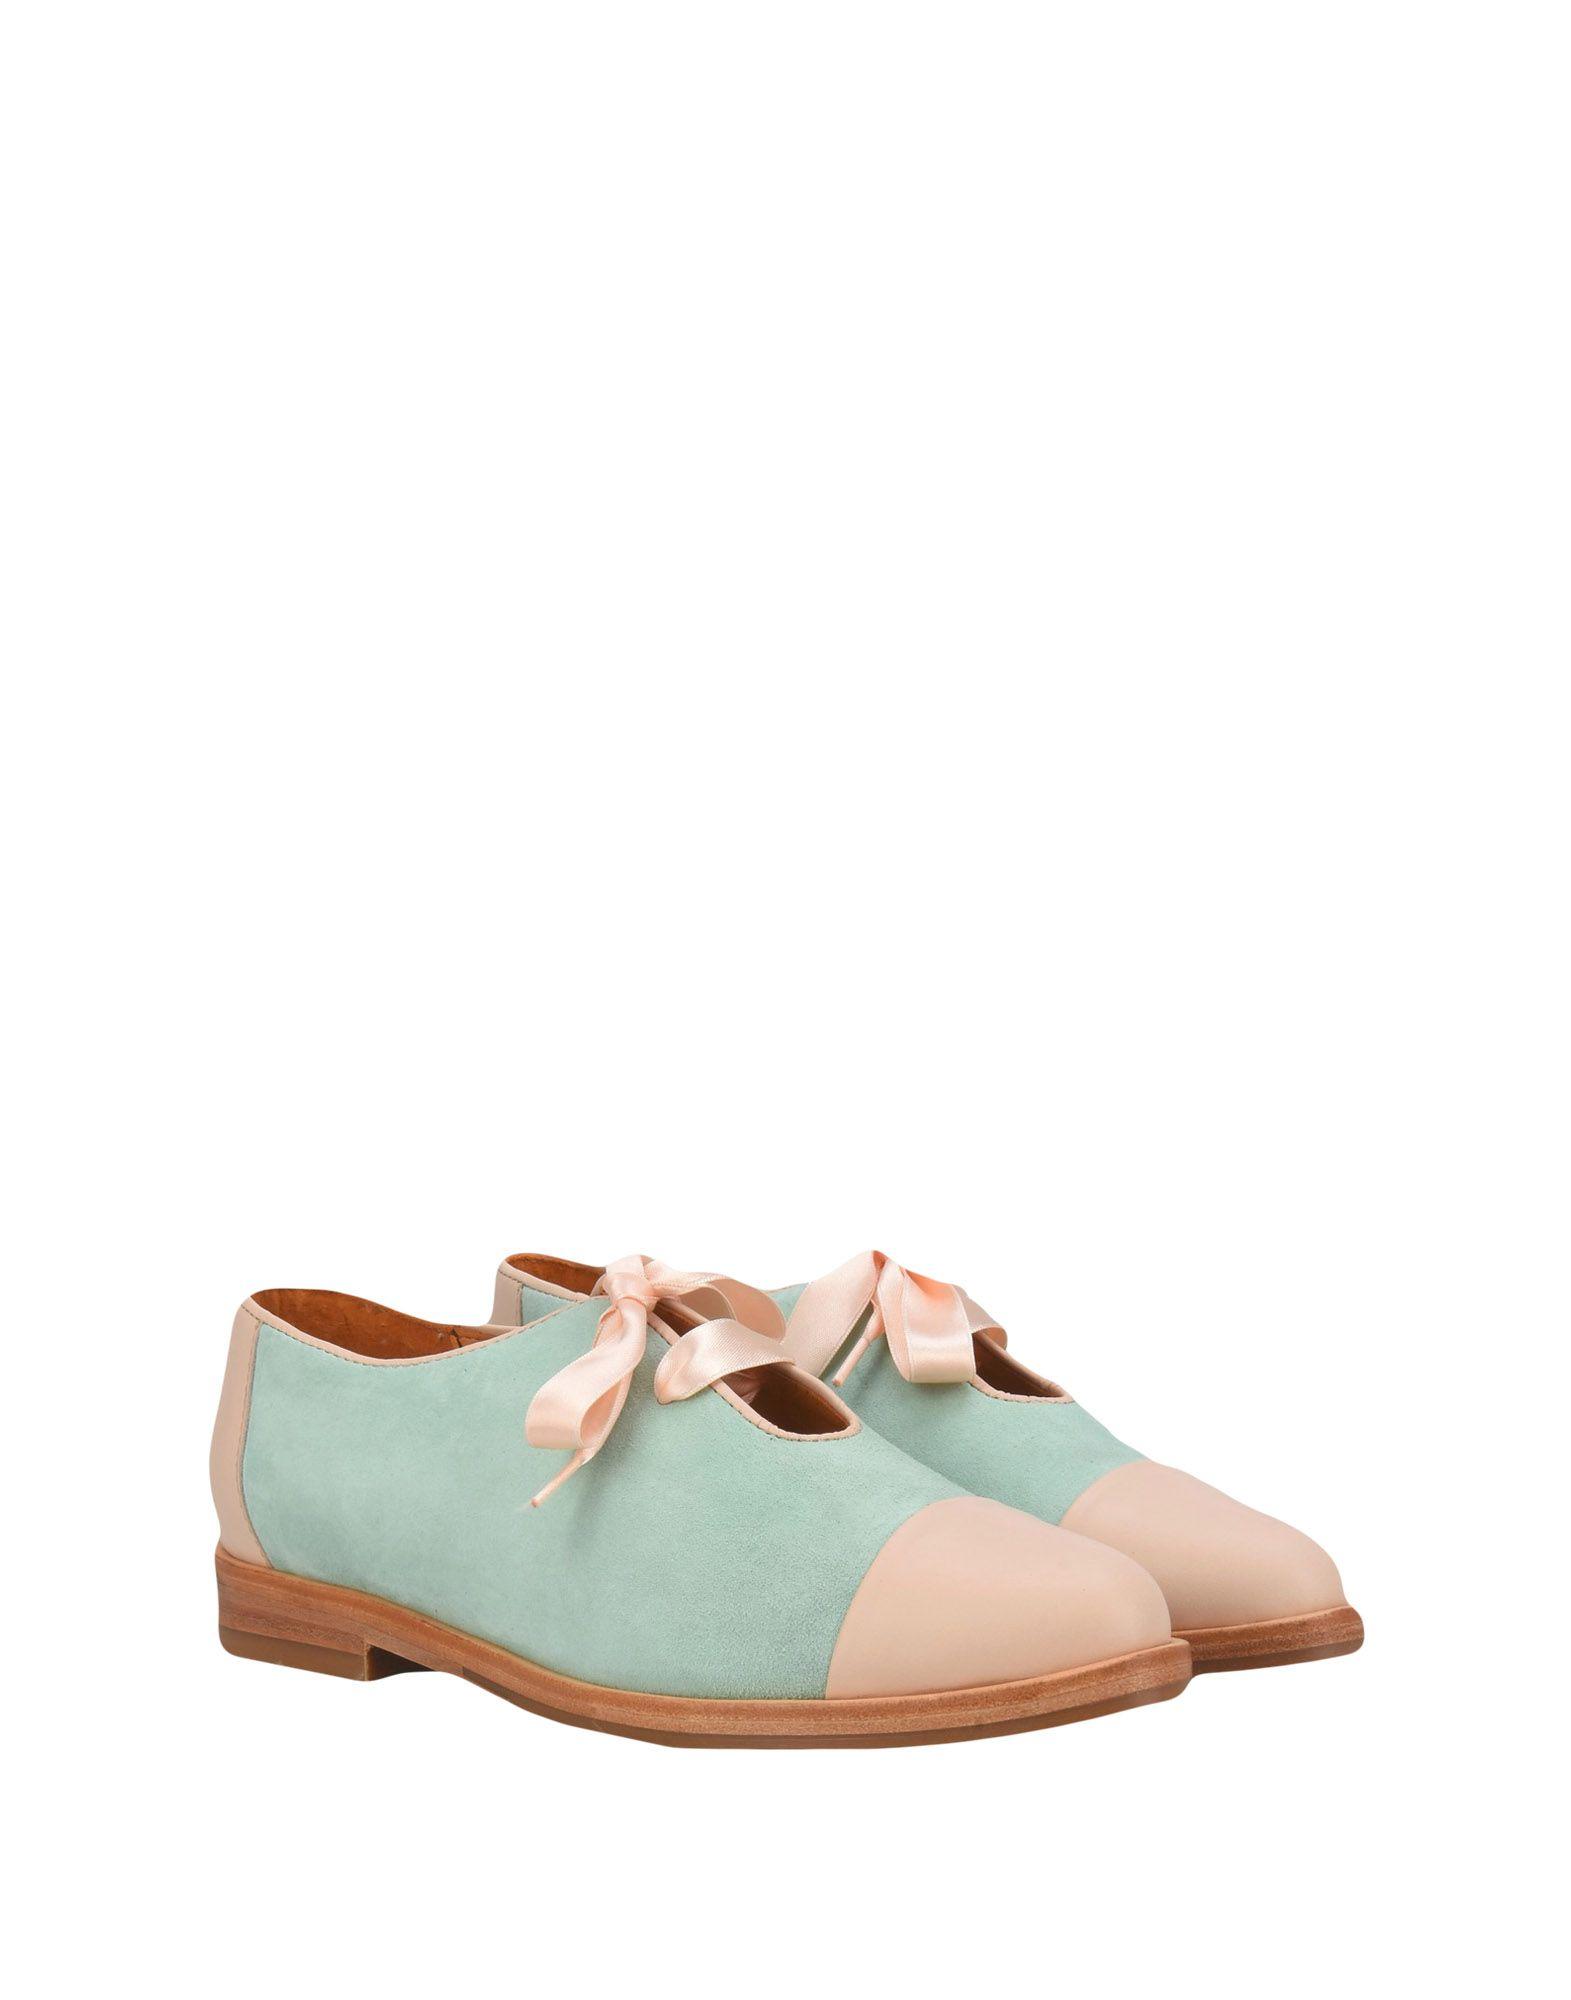 Chaussures À Lacets Maison Shoeshibar Eira - Femme - Chaussures À Lacets Maison Shoeshibar sur